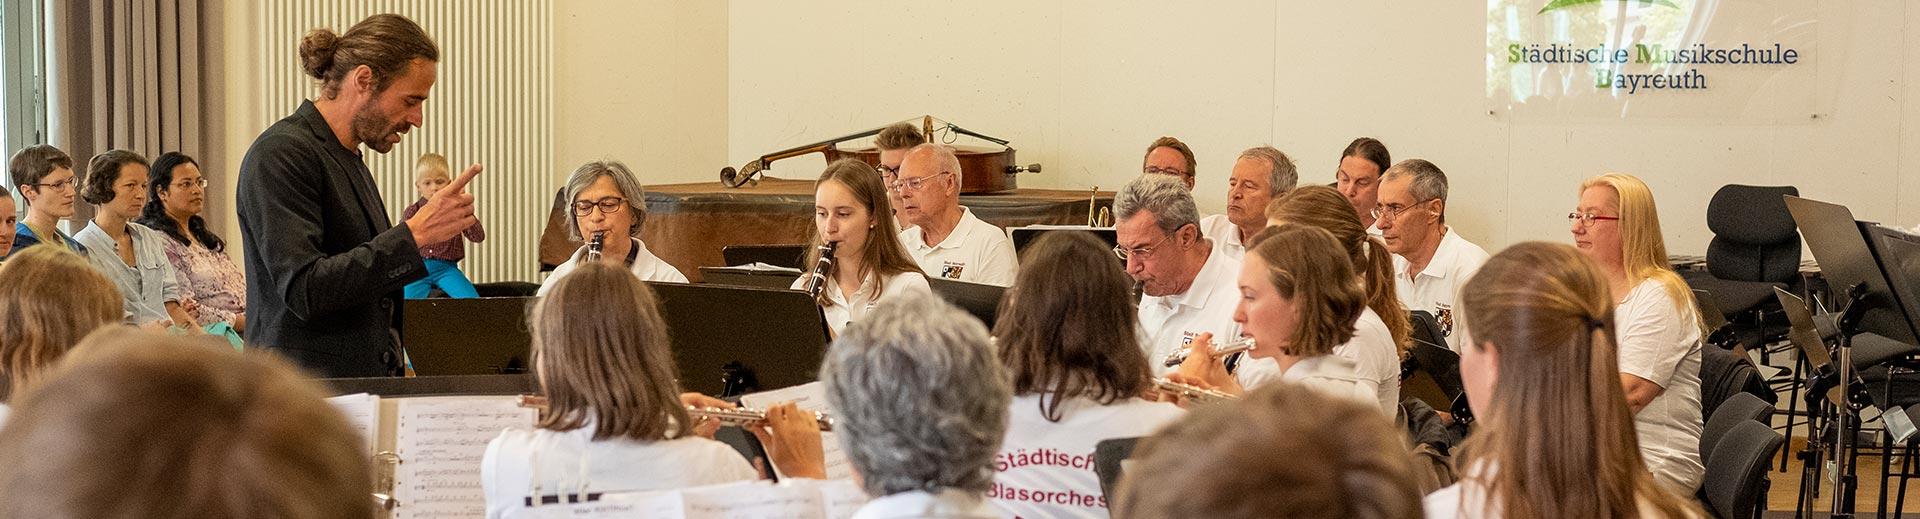 Blasorchester – Musikschule Bayreuth